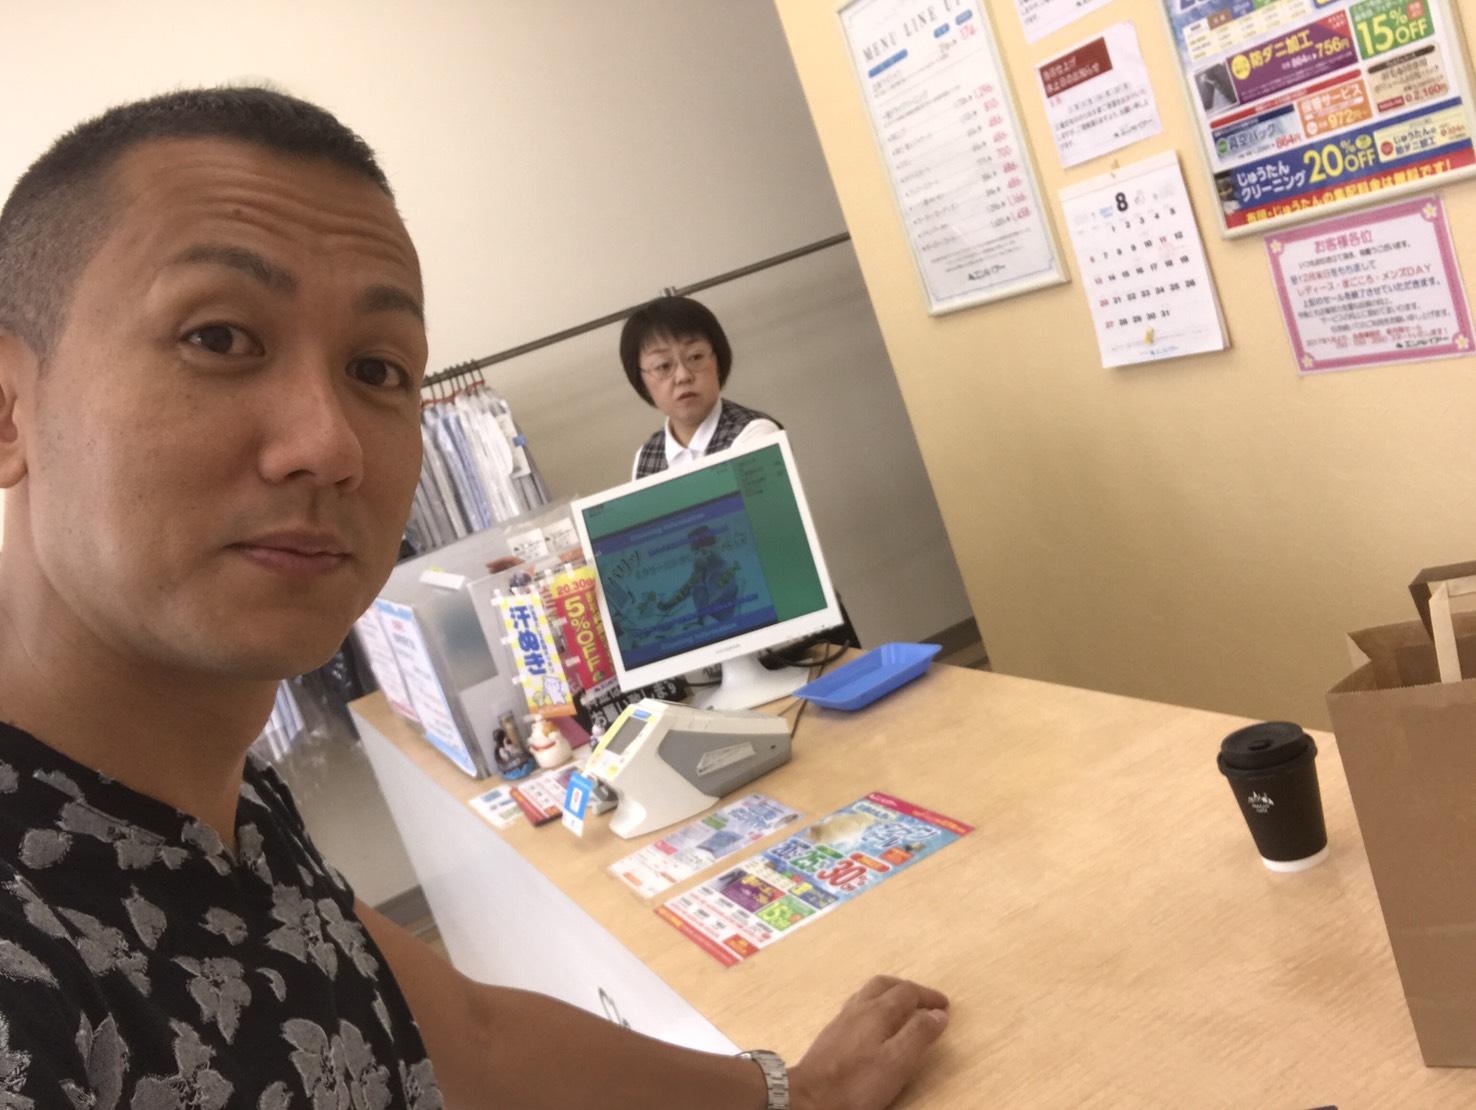 8月30日 水曜日のひとログヽ( 'ω' )ノ キャンピングカー・バスもレンタルできます♬TOMMY_b0127002_16262374.jpg